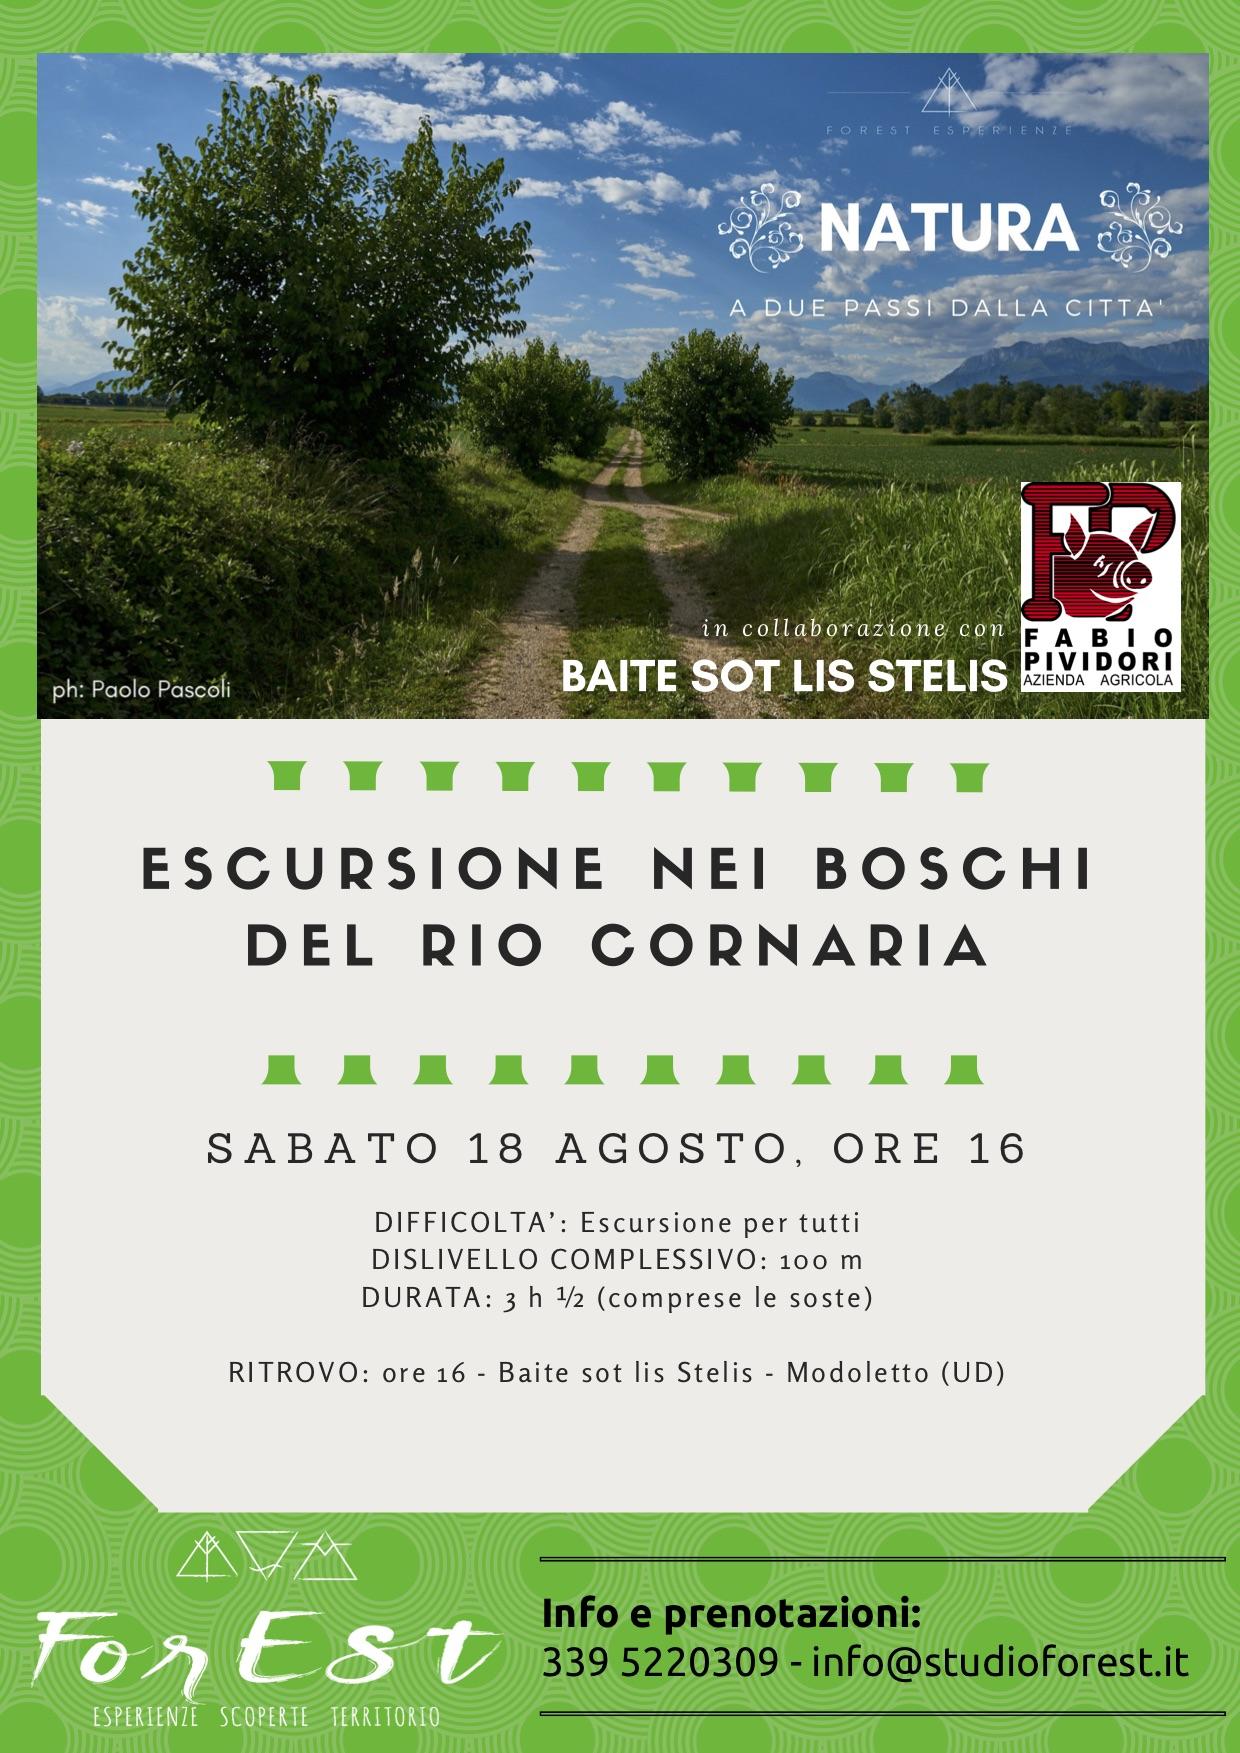 Sabato 18 agosto ore 16:00: escursione nei boschi del rio Cornaria.